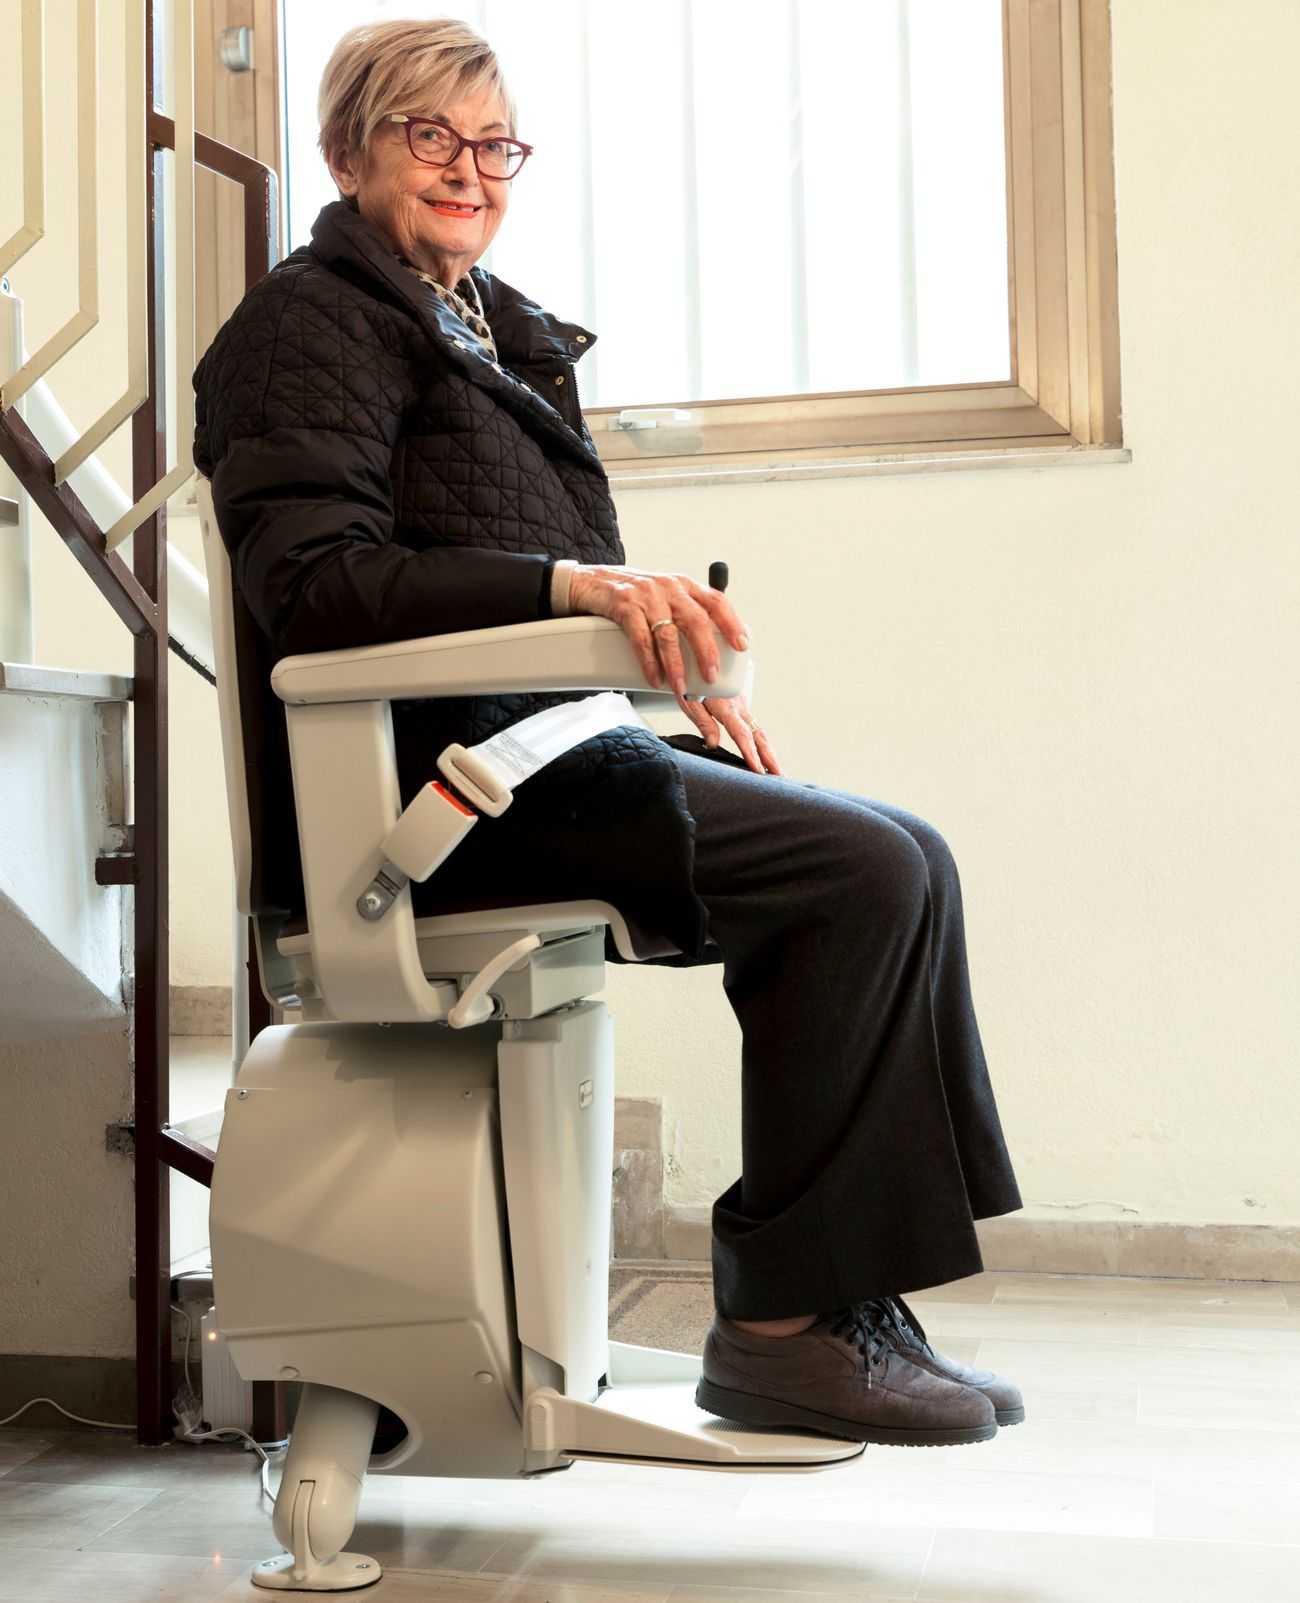 Anziana su un montascale a poltroncina